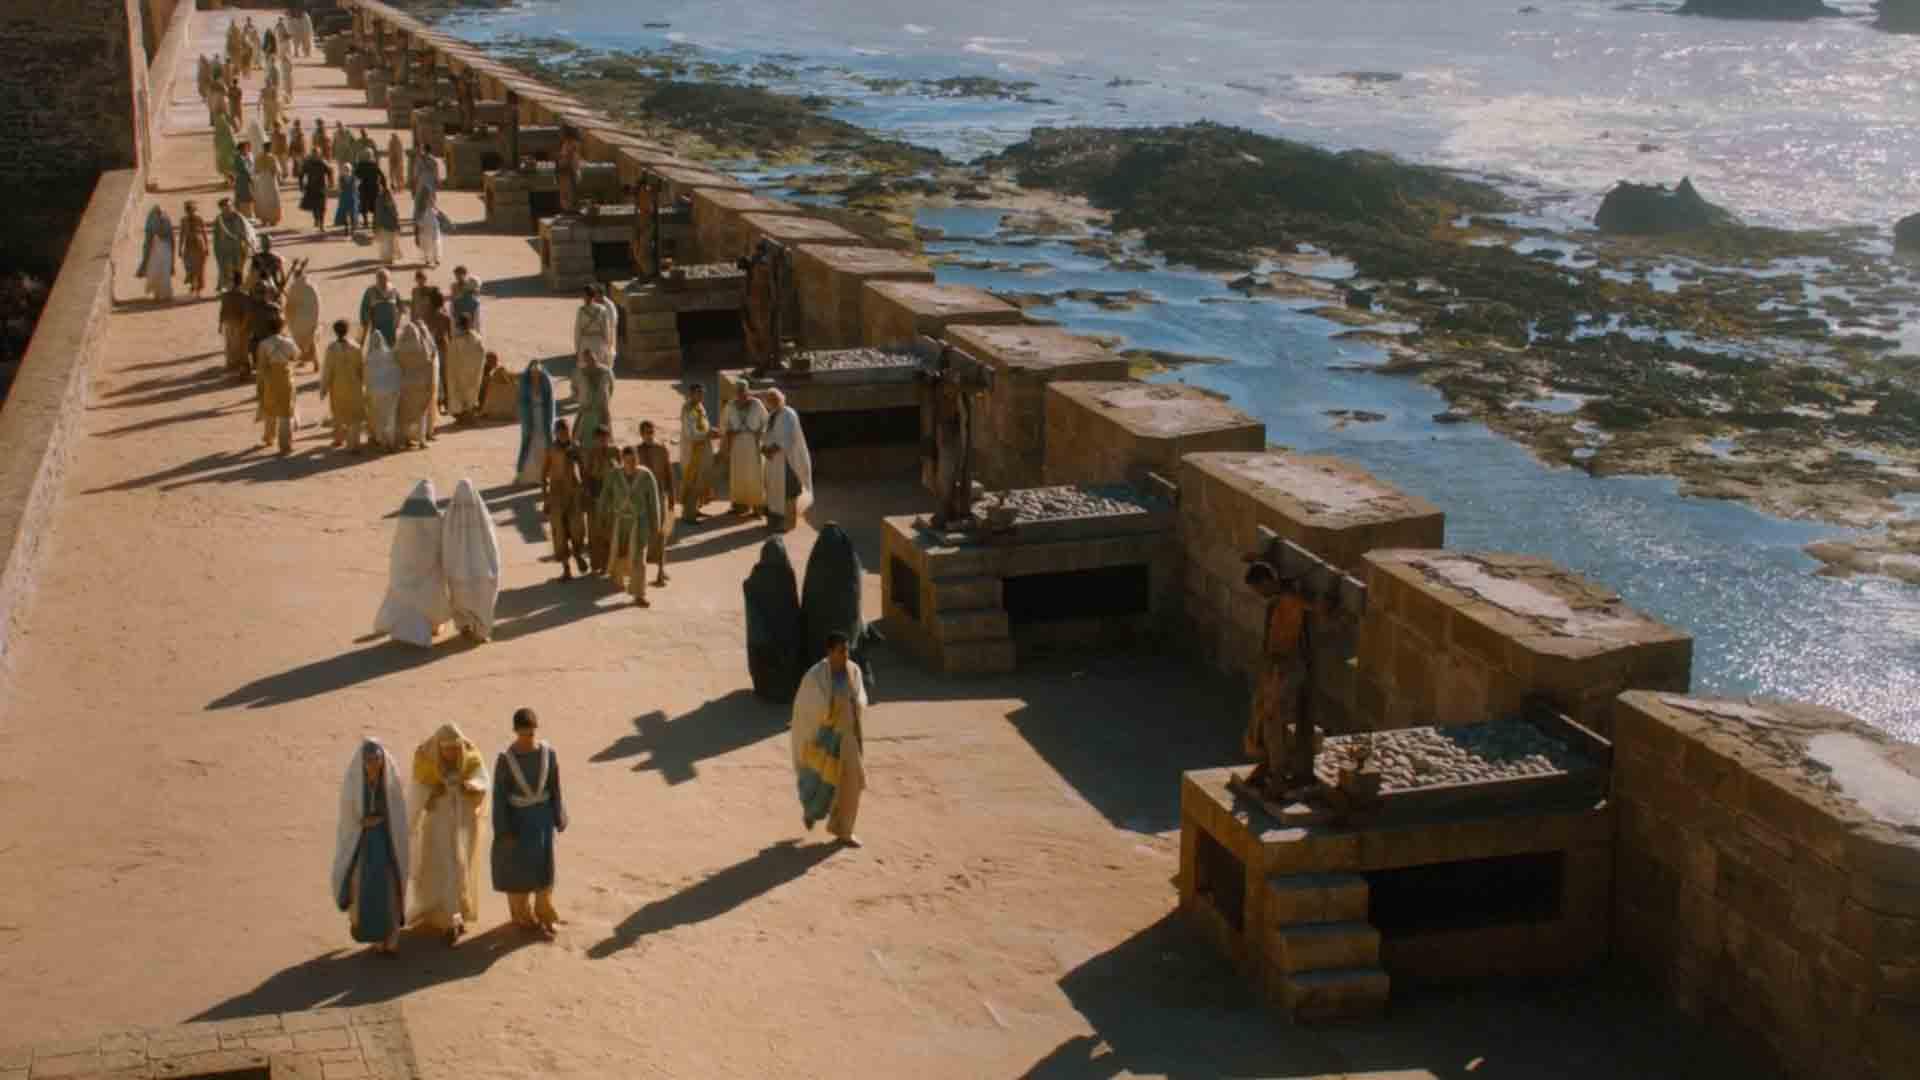 lieu de tournage Game of thrones Essaouira